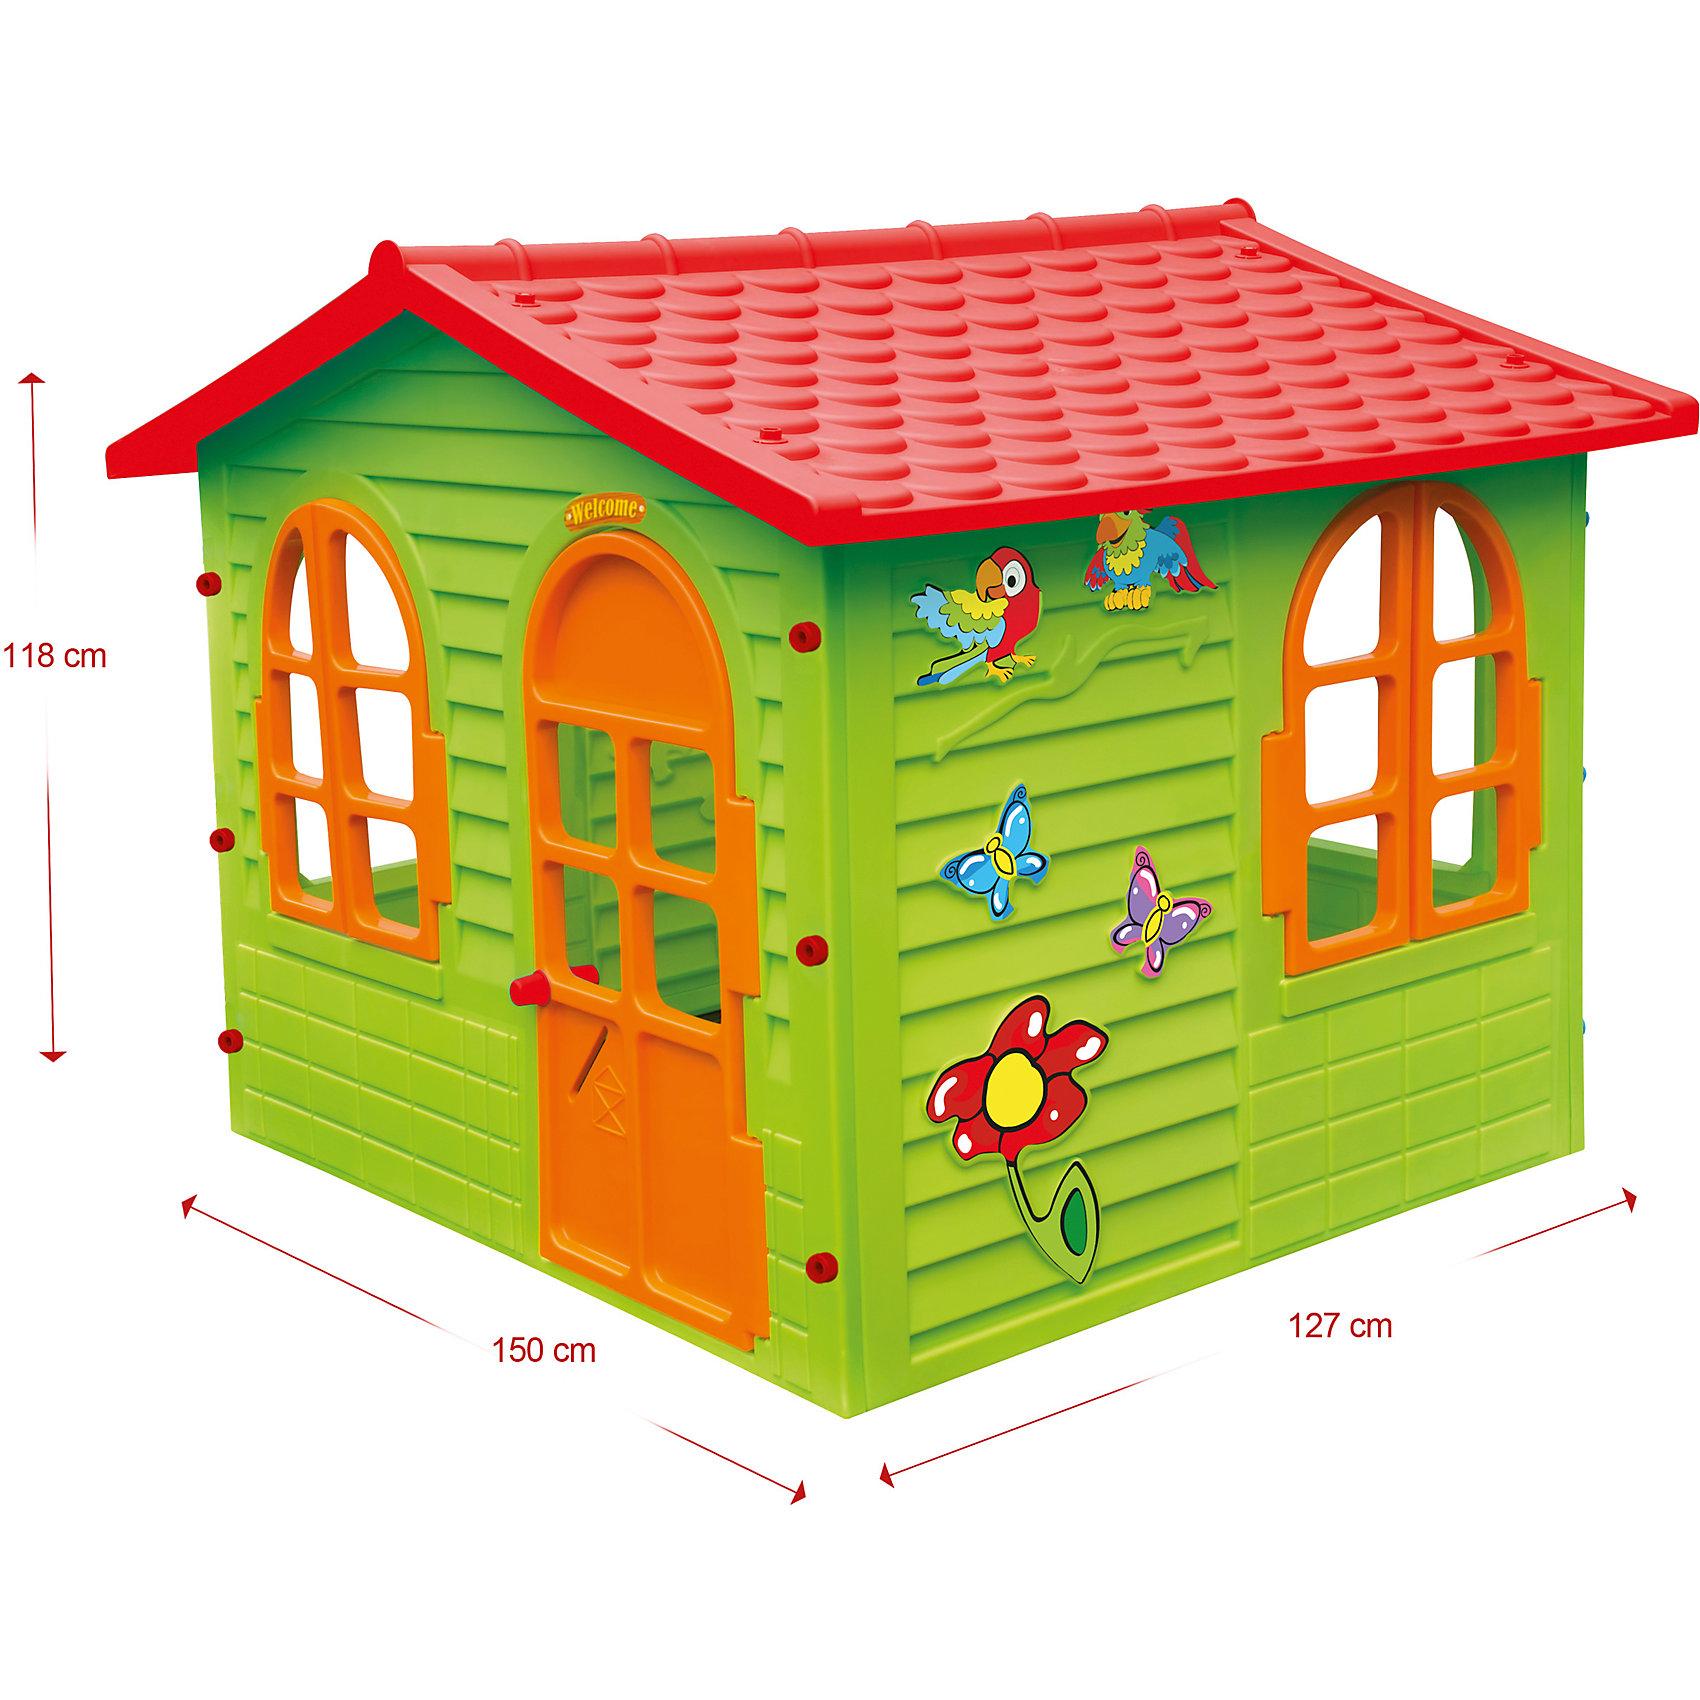 Домик-вилла, MochtoysДомики и мебель<br>Домик-вилла, Mochtoys.<br><br>Характеристики:<br><br>• Для детей в возрасте: от 1 года<br>• Размер: 127х150х118 см.<br>• Конструкция сборная (собирается с помощью пластиковых болтов и гаек)<br>• Материал: пластик<br>• Цвета: зеленый, красный, оранжевый<br>• Размер упаковки: 16х115х132 см.<br>• Вес: 19,3 кг.<br><br>Домик-вилла Mochtoys идеально подойдет для игр вашего ребенка на открытом воздухе и в помещении! Размеры домика достаточны, чтобы вместить несколько детей одновременно, что обеспечивает невероятные возможности для совместных игр малышей. В домике есть окна и дверь арочной формы. Два окна оборудованы открывающимися рамами. Дверь домика открывается. Одна из стен домика украшена бабочками, попугайчиками и цветком. На крыше имитация черепицы. Дизайн домика продуман таким образом, что у ребенка создается полное впечатление того, что он находится в настоящем доме. Все детали дома надежно фиксируются между собой и не разбалтываются при активной эксплуатации.  Конструкция домика устойчивая и надежная, острые края отсутствуют, поэтому он абсолютно безопасен для детей. Изделие выполнено в соответствии с европейскими стандартами качества из высококачественного, прочного пластика. Материал не выгорает на солнце и морозоустойчив (не боится морозов до -15 градусов). Домик прост в уходе, его можно мыть на даче из шланга проточной водой.<br><br>Домик-виллу, Mochtoys можно купить в нашем интернет-магазине.<br><br>Ширина мм: 1270<br>Глубина мм: 1500<br>Высота мм: 1180<br>Вес г: 19300<br>Возраст от месяцев: 12<br>Возраст до месяцев: 120<br>Пол: Унисекс<br>Возраст: Детский<br>SKU: 5510708